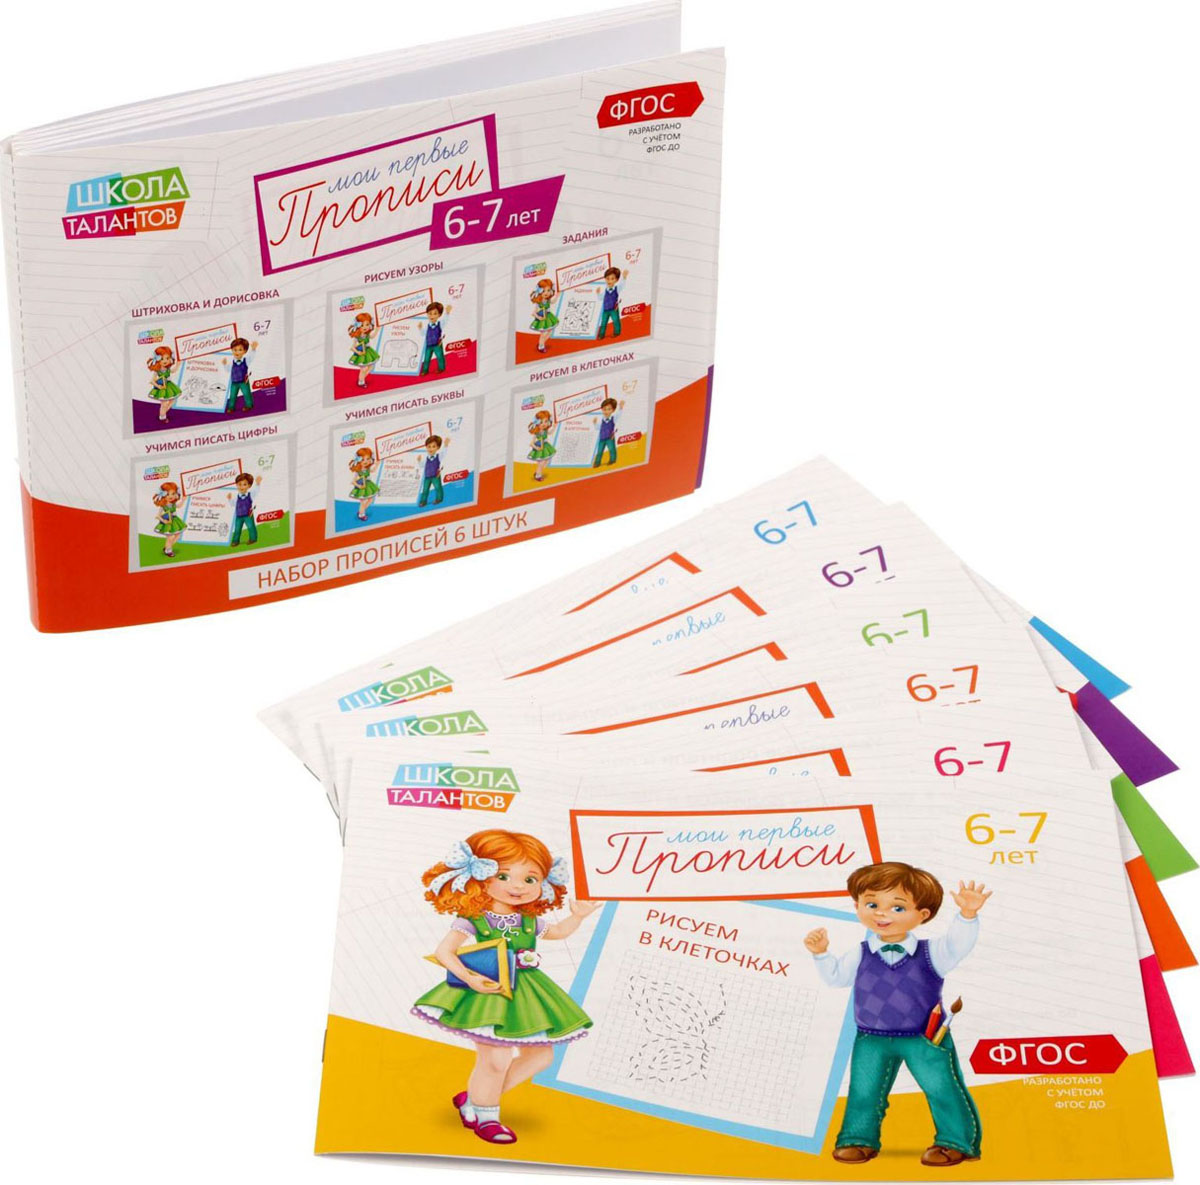 Набор прописей 6 штук, для детей 6-7 лет феникс учебное пособие мои первые прописи